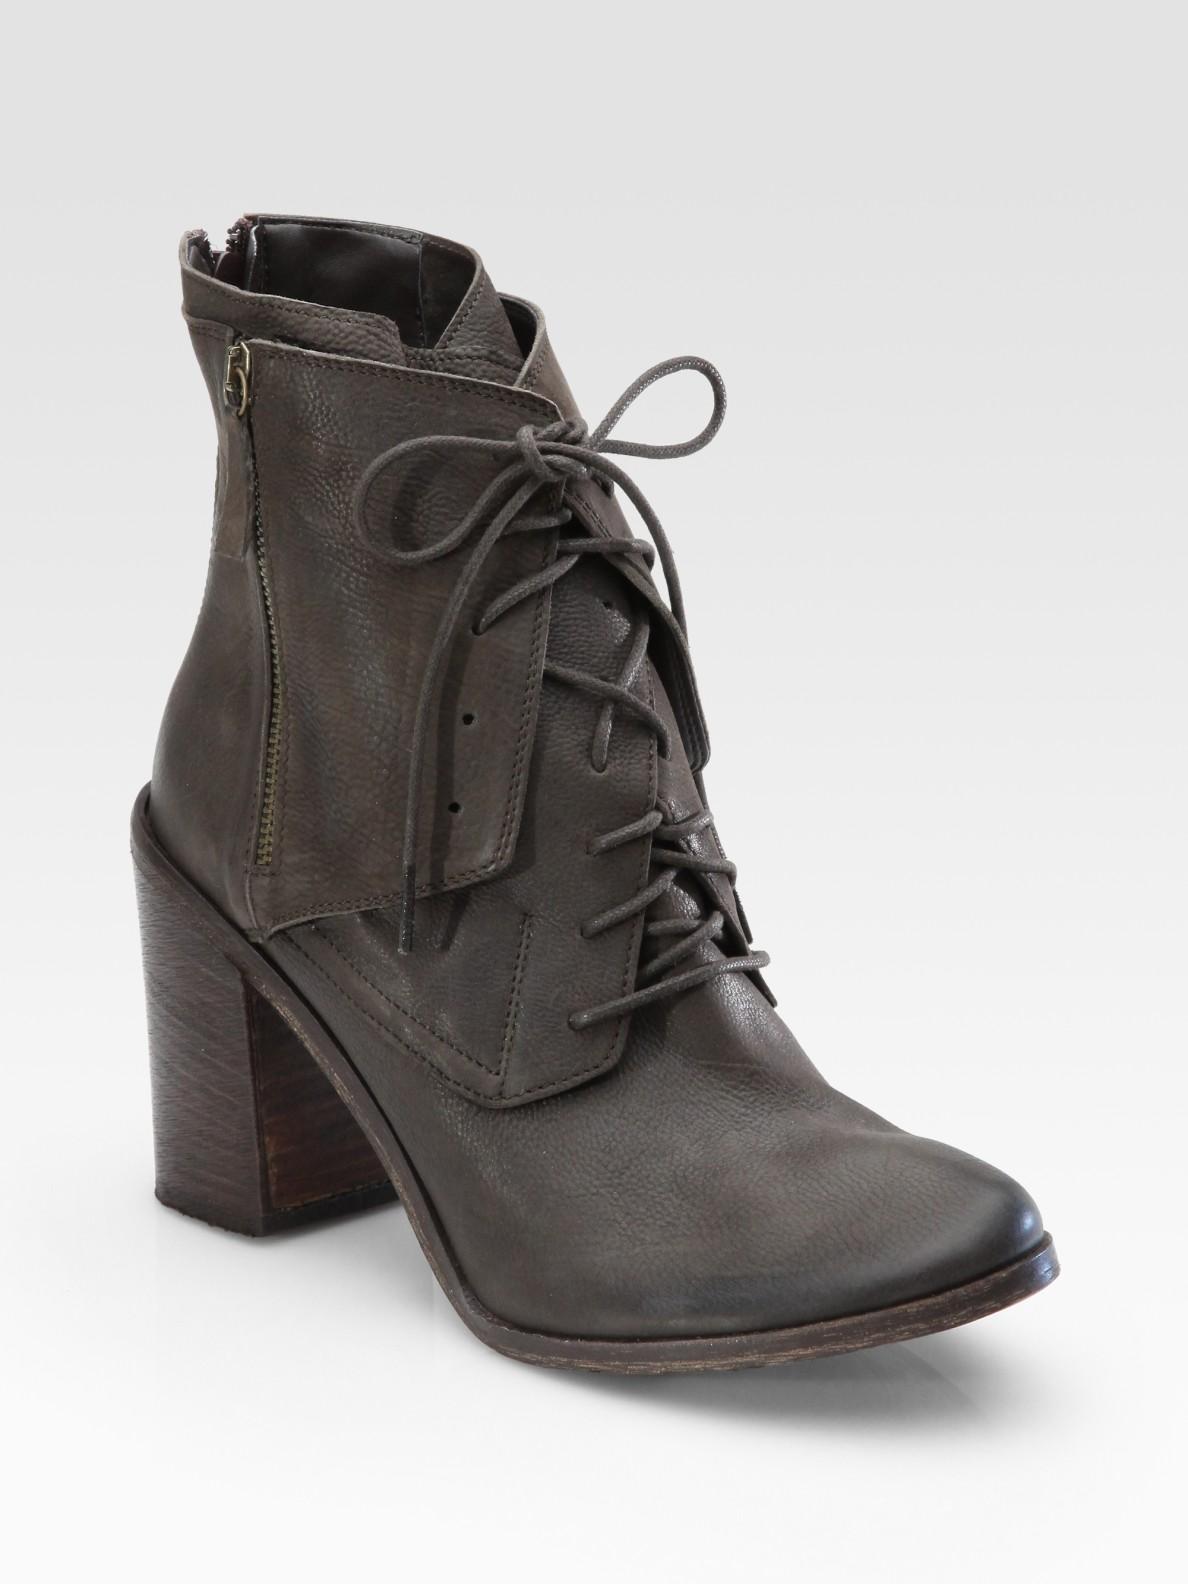 Lyst Boutique 9 Saffi Leather Zipper Detail Ankle Boots